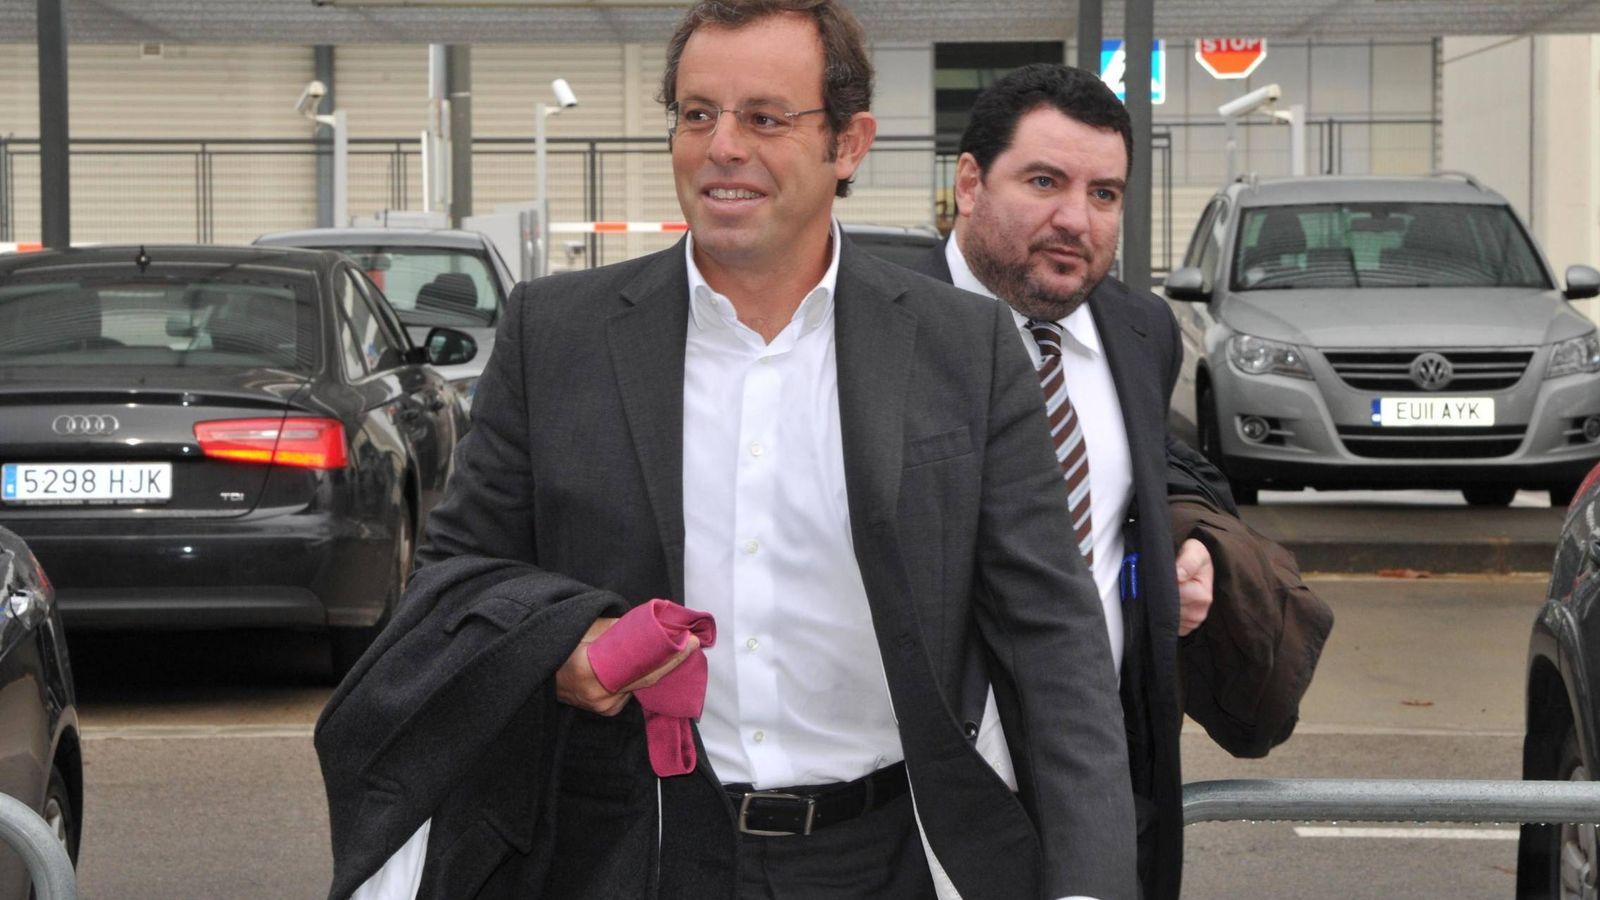 Foto: El expresidente del FC Barcelona Sandro Rosell y el empleado del club Juanjo Castillo. (EP)